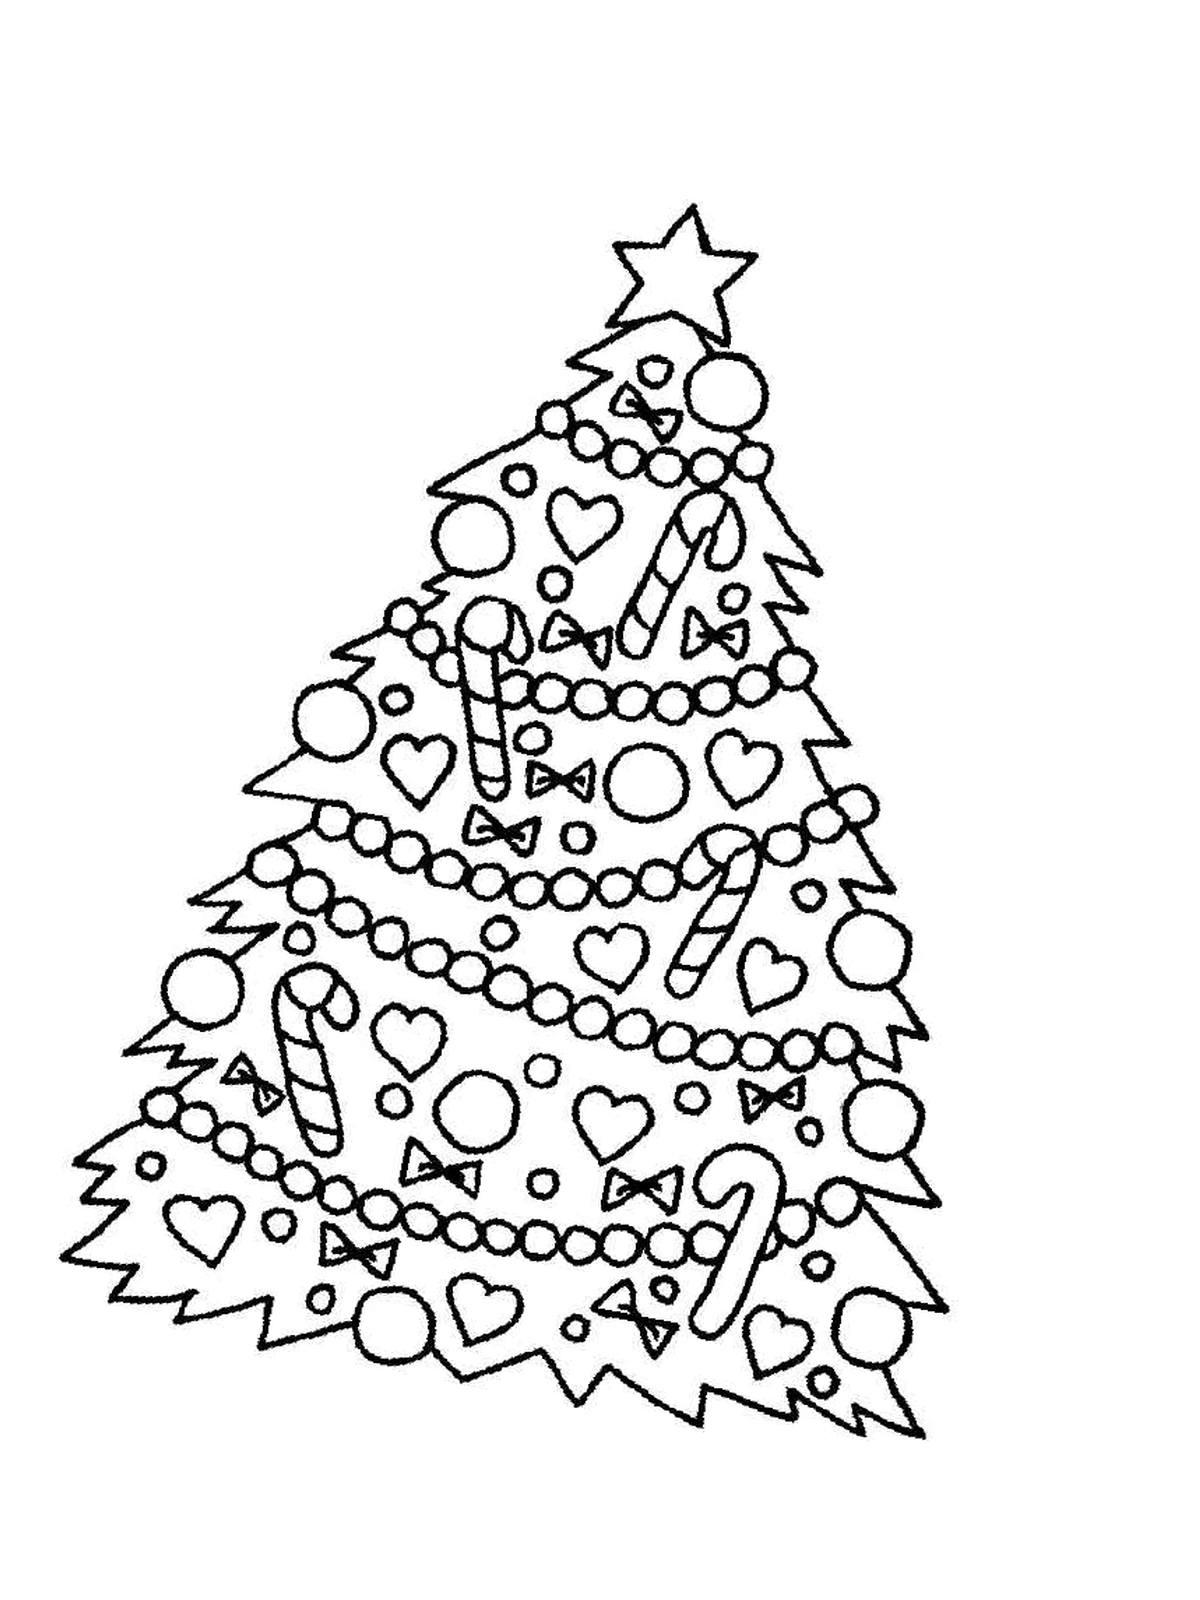 Ausmalbilder, Malvorlagen Von Weihnachten Kostenlos Zum mit Ausmalbild Weihnachten Kostenlos